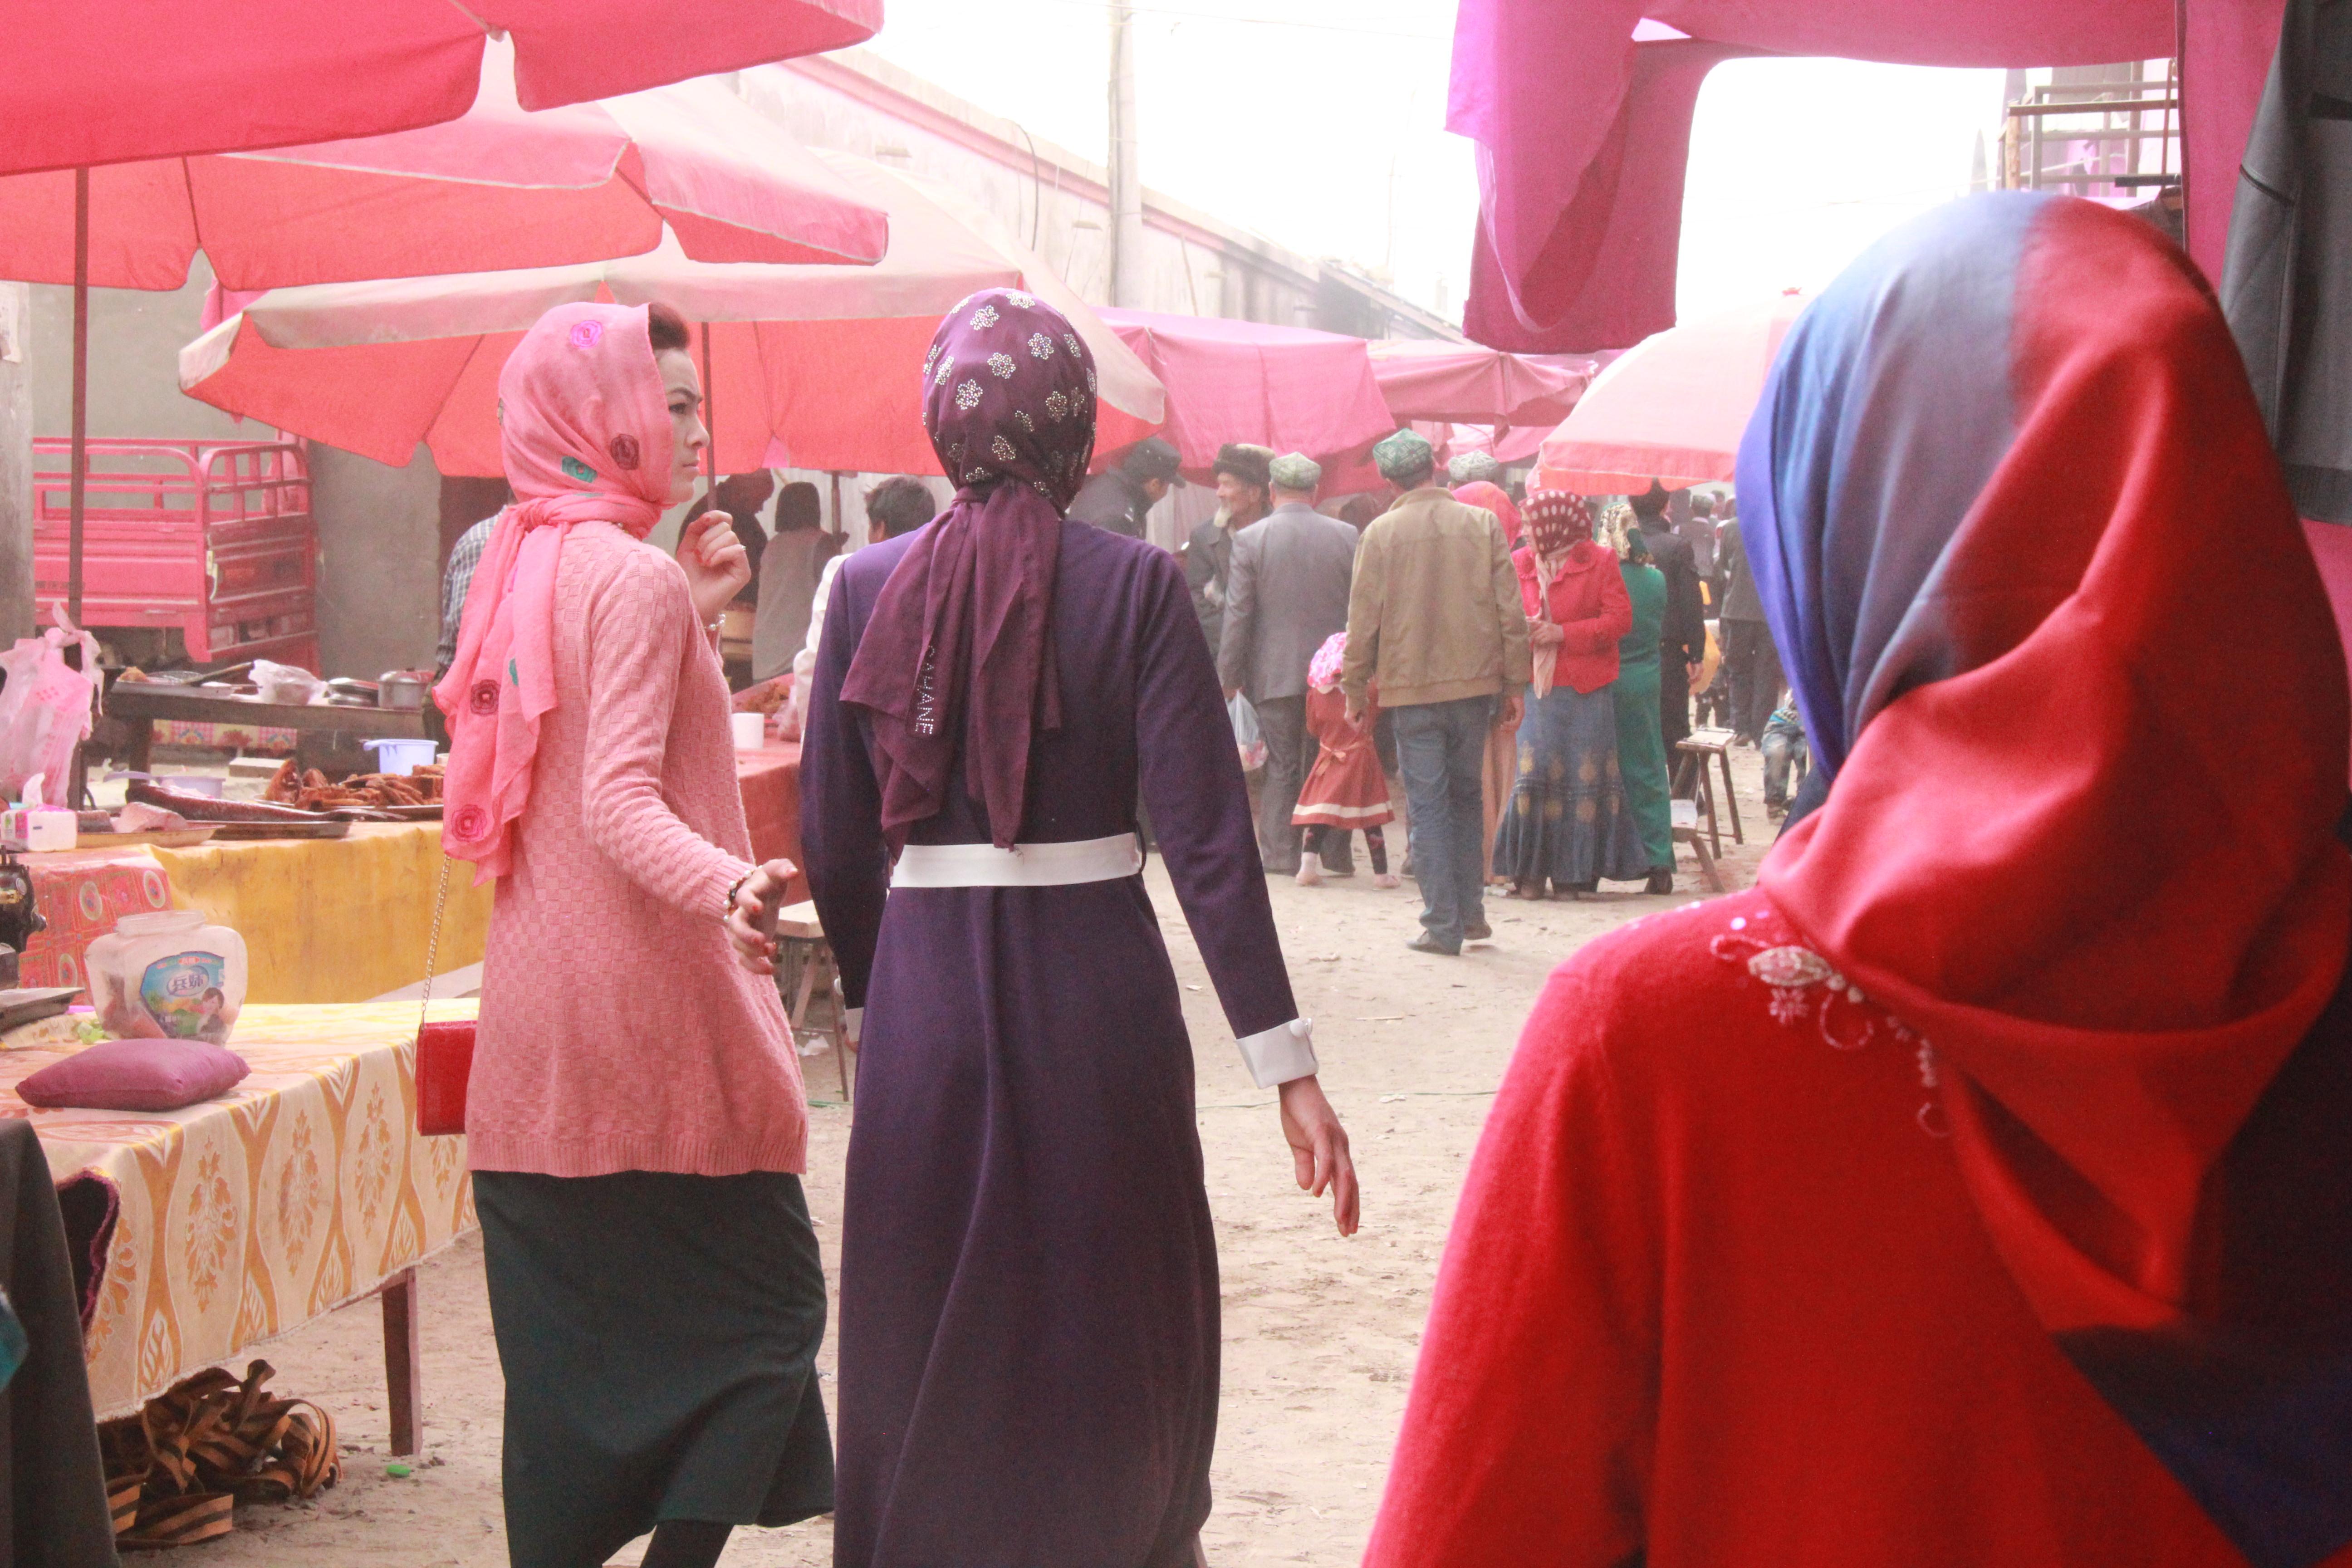 和田地区墨玉县喀尔赛镇巴扎,两位穿着时尚的女子走过。和田地区曾是宗教极端思想渗透严重地区,当地官员称过去巴扎上随处可见穿戴蒙面罩袍的女子,如今街面上已见不到。摄影:陈芳